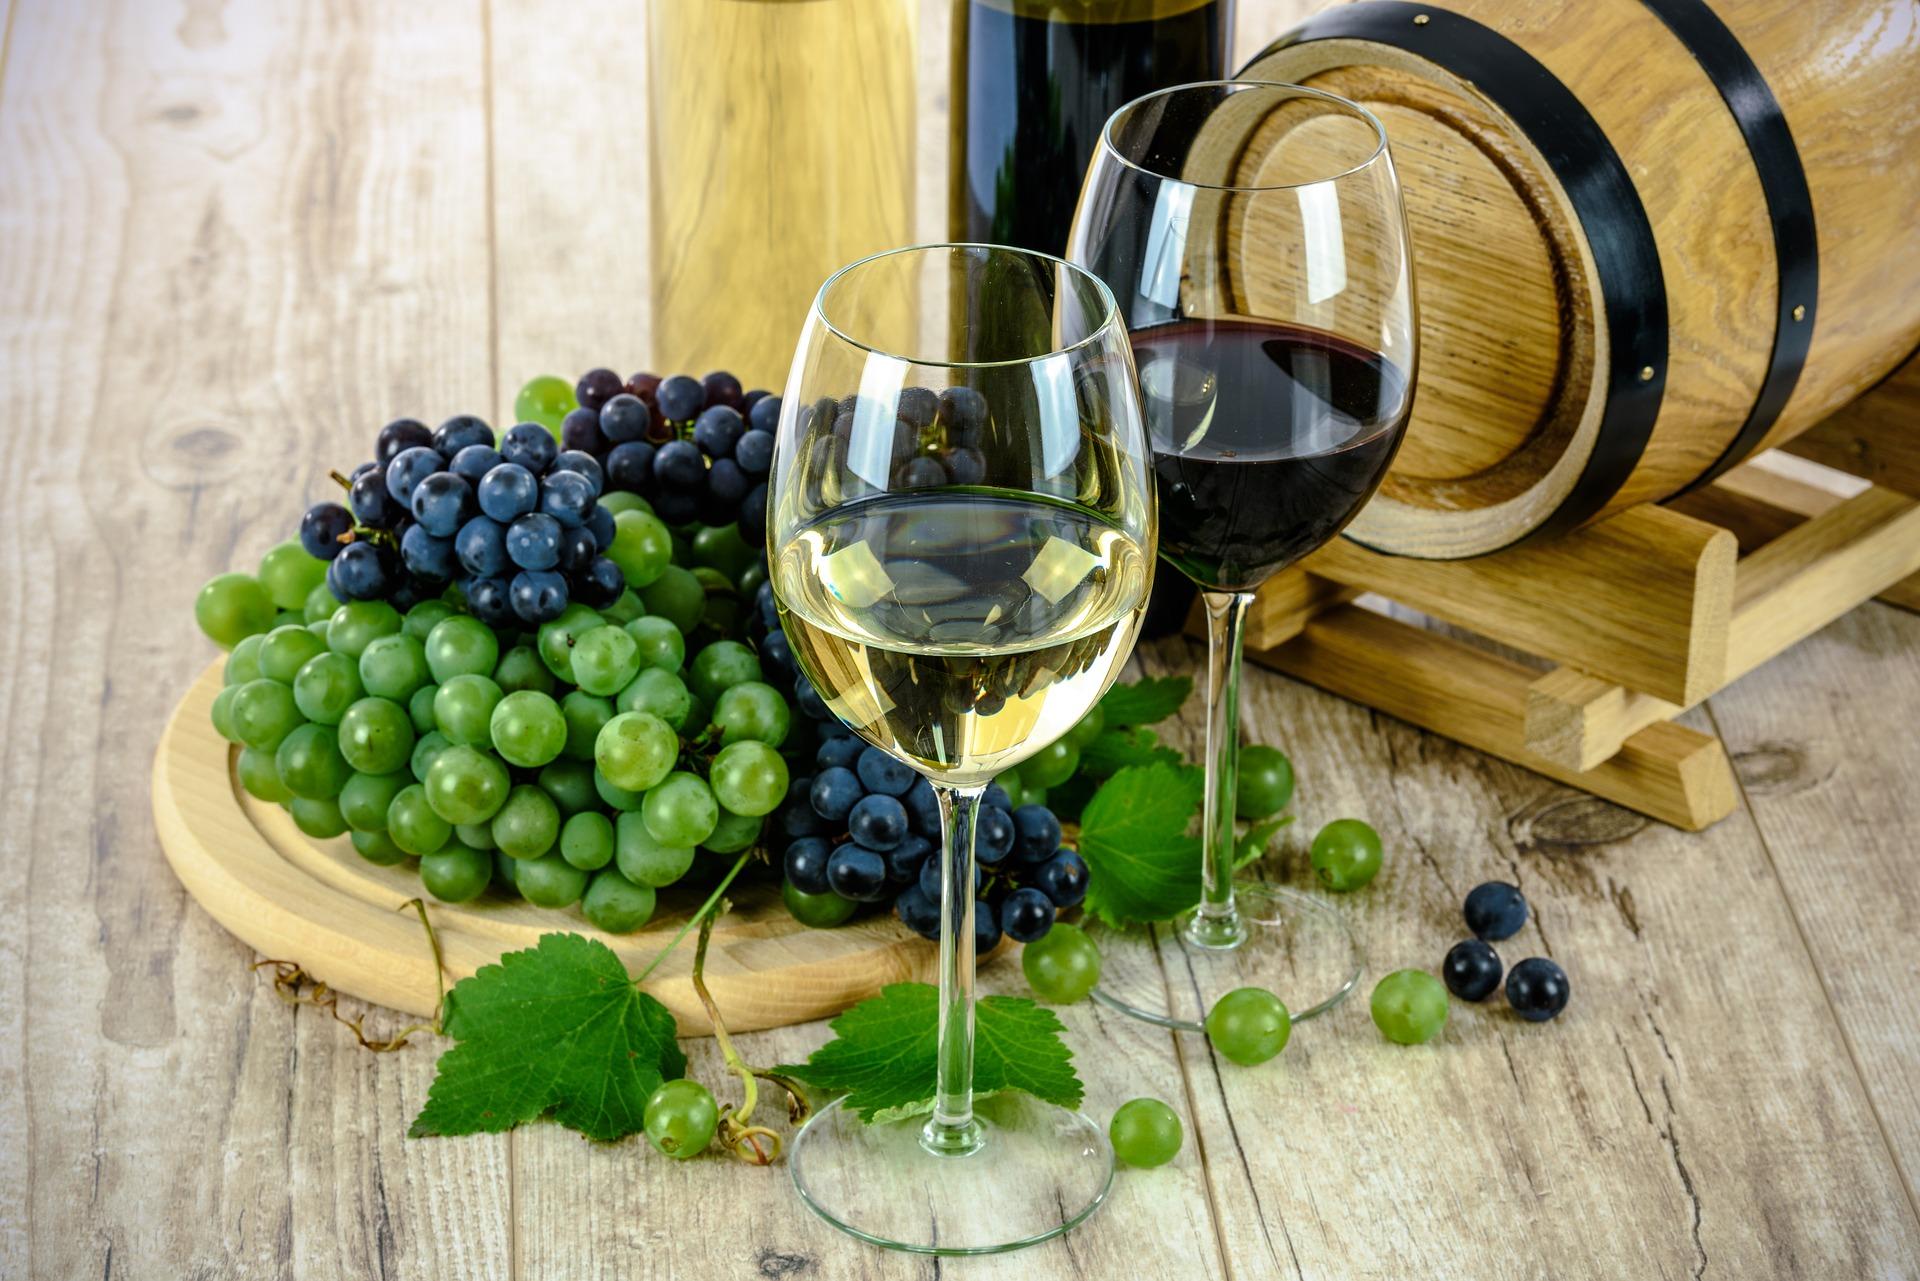 Ochutnat skvělé víno, uzené a zazpívat si